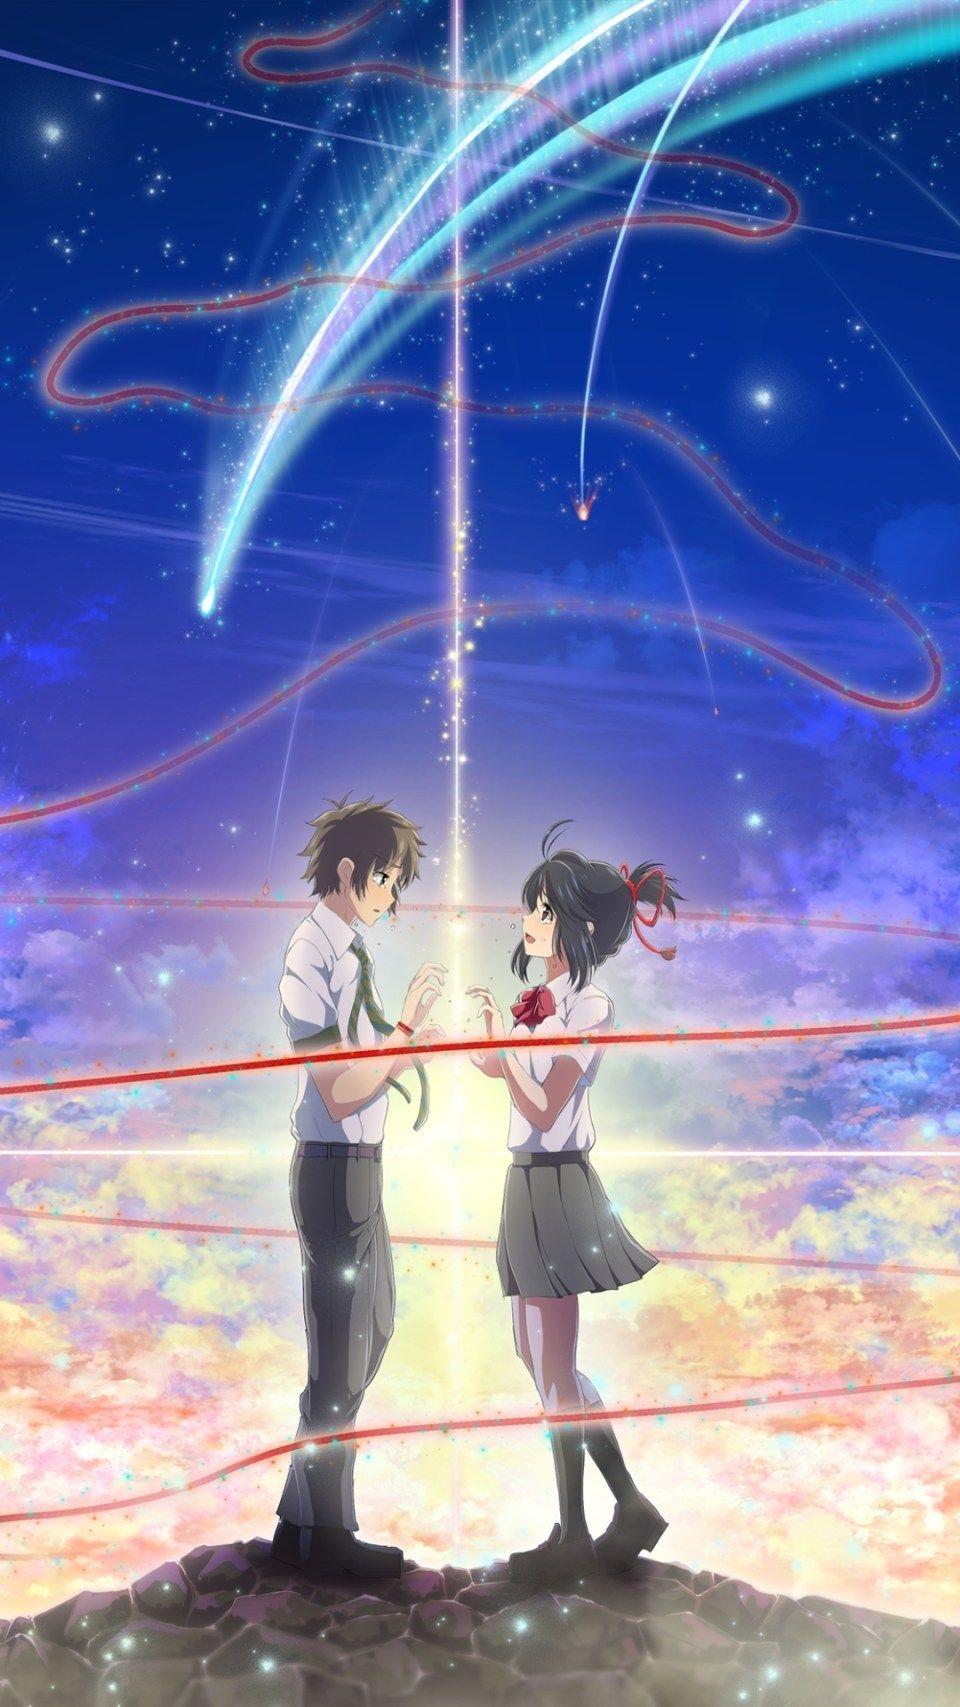 Tổng hợp hình nền đẹp anime your name cho điện thoại cotvn net